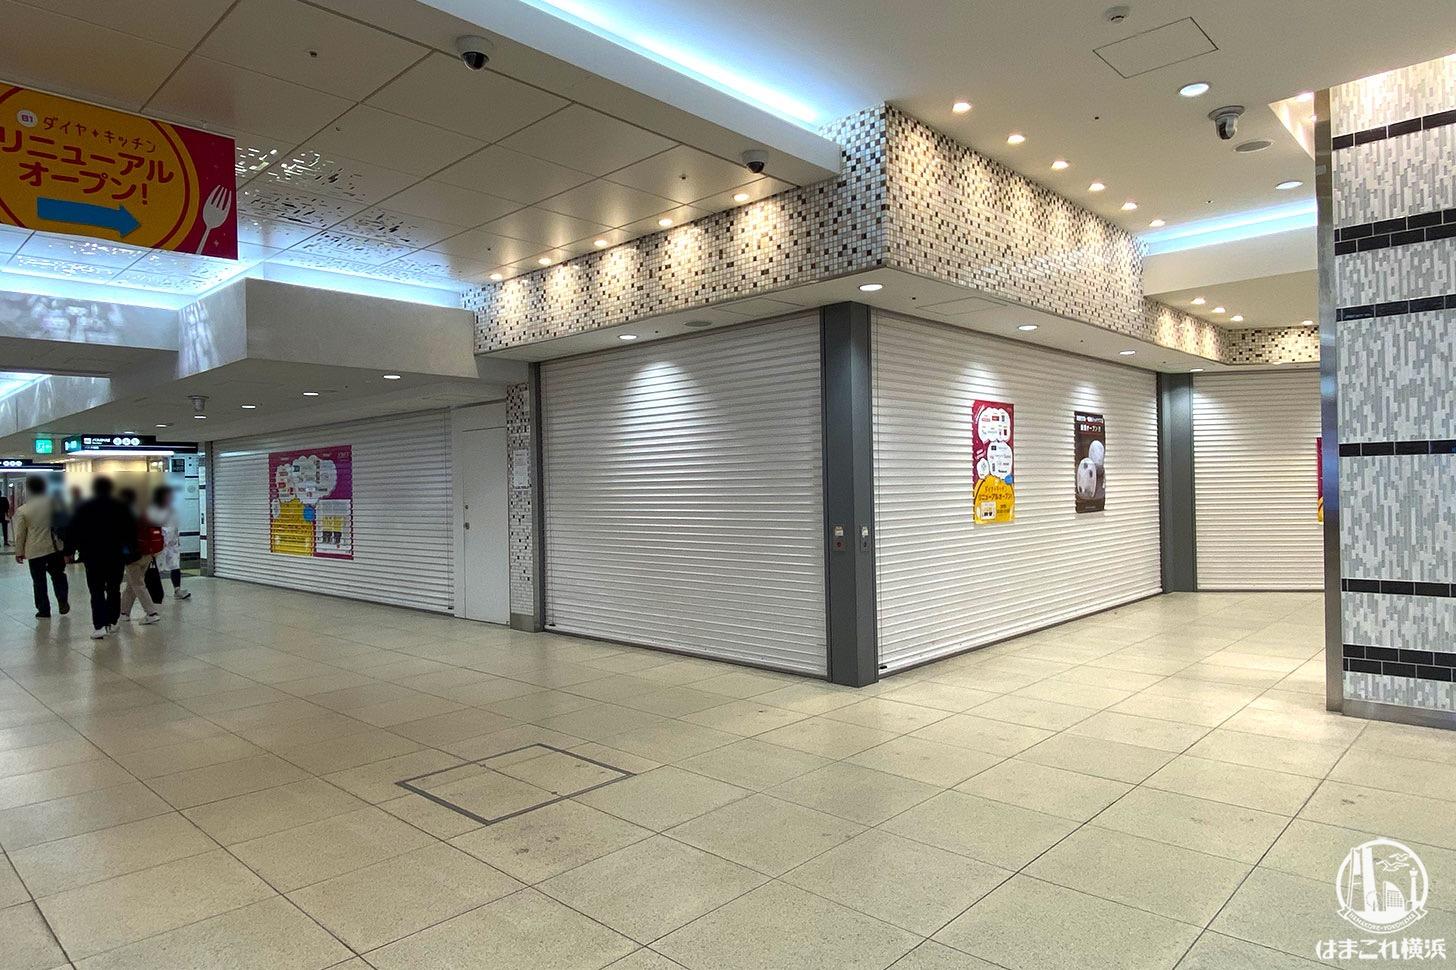 無印良品 横浜ジョイナス オープン予定地(久世福の献立跡地)